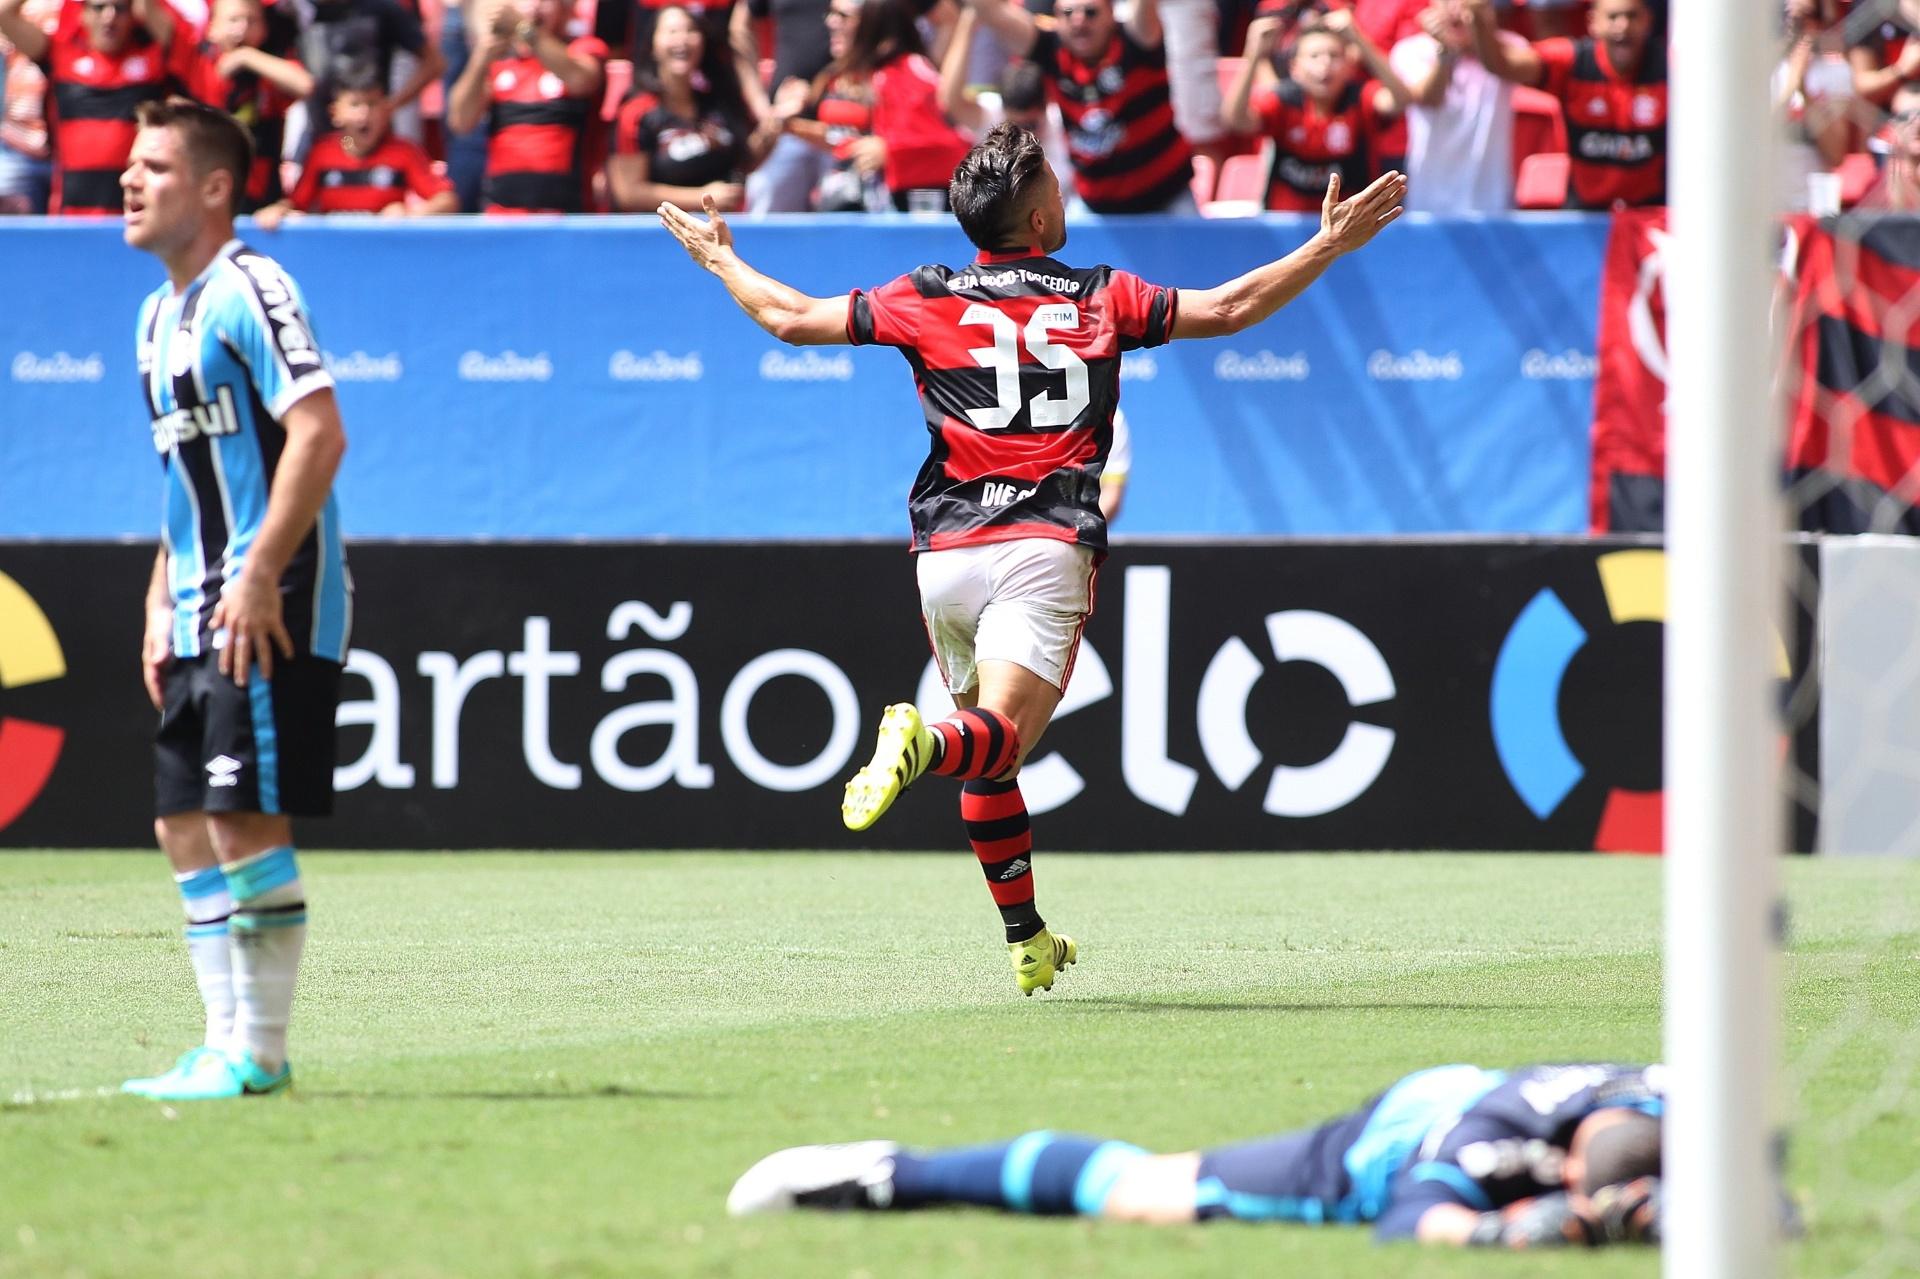 Diego estreia com gol 28f1caecc3db7